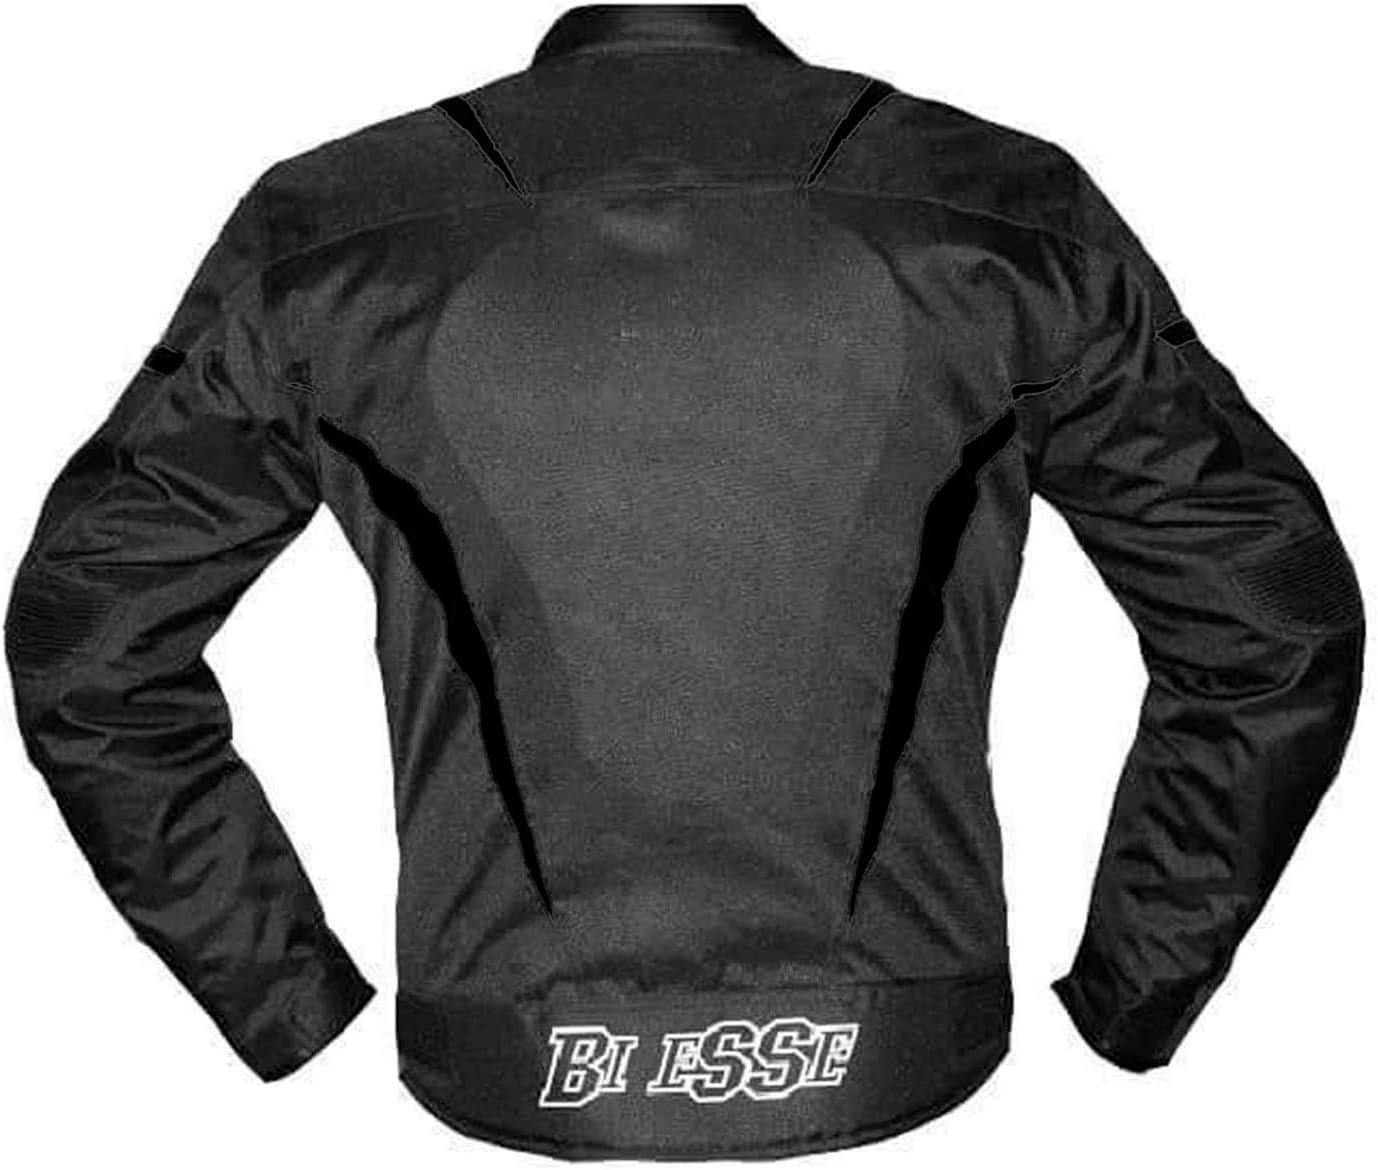 Imperm/éable Protections CE Biesse Veste Moto Touring pour homme R/églable Noir//blanc Doublure thermique M noir//blanc